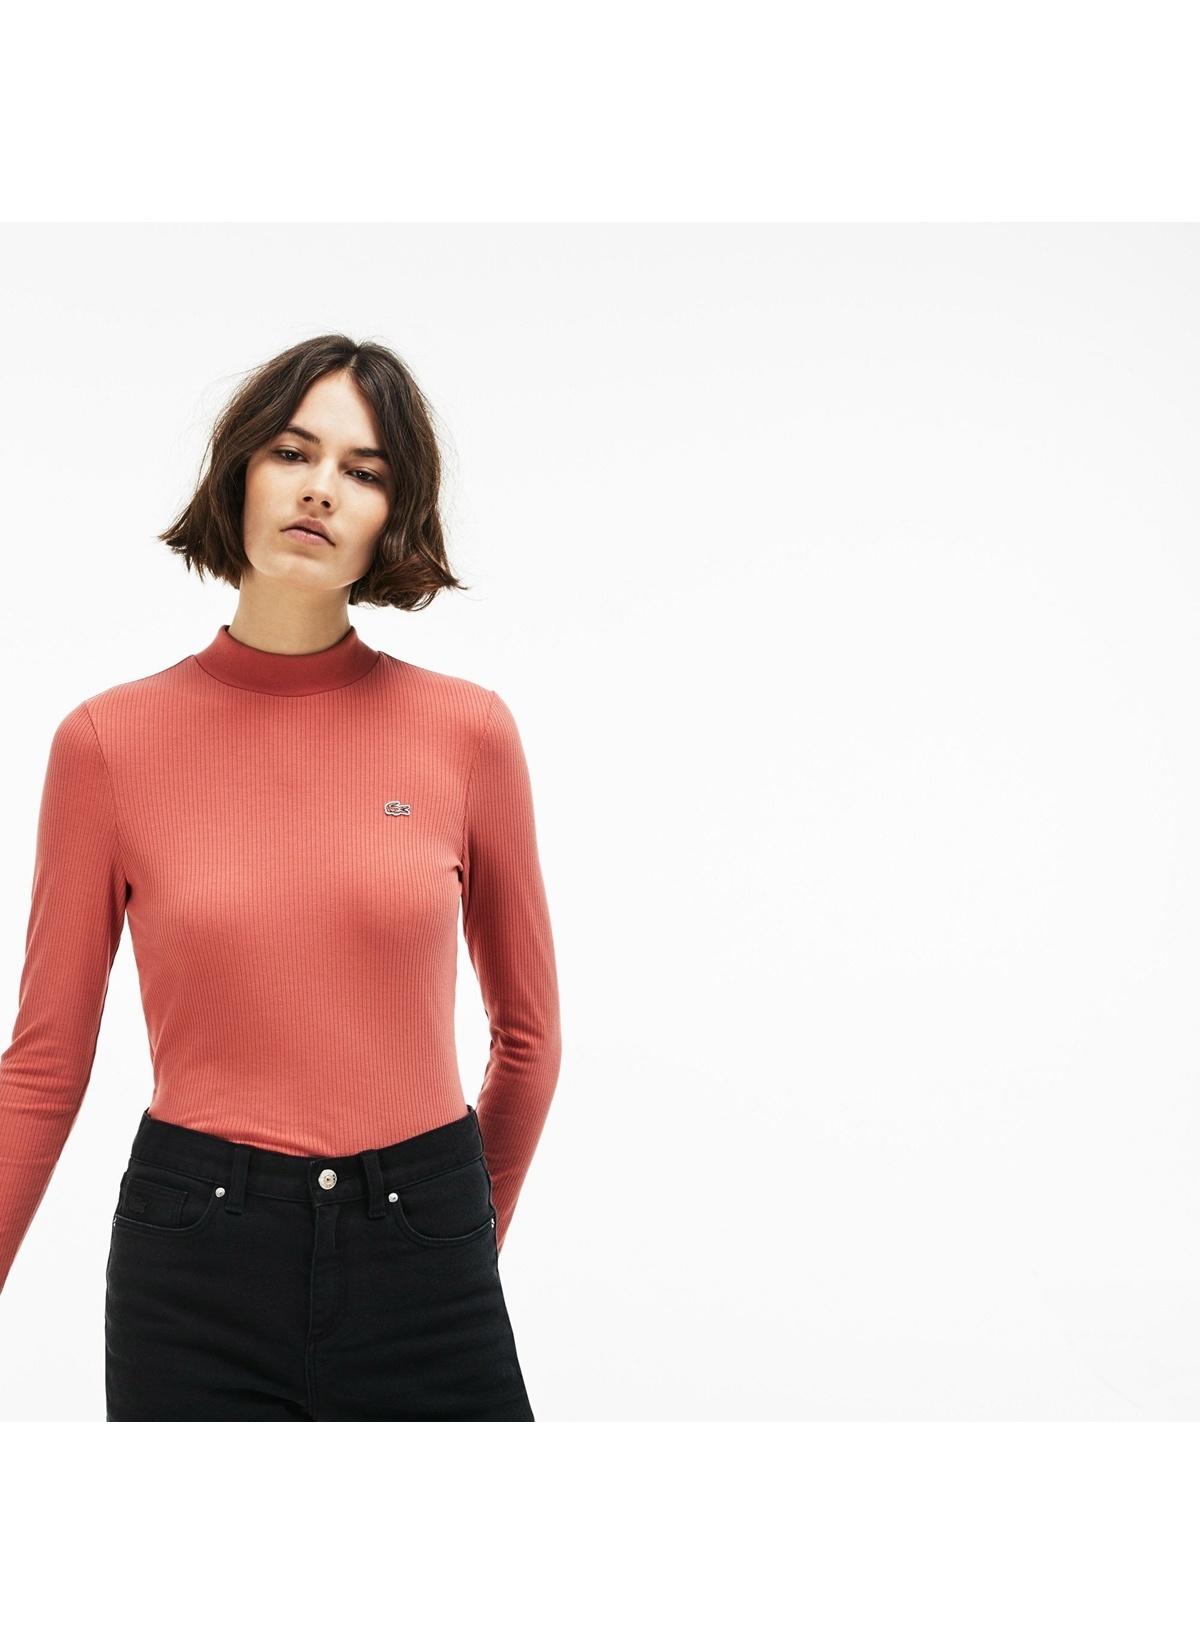 Lacoste Sweatshirt TF8962.D02 Lacoste Kadın Turuncu Uzun Ko